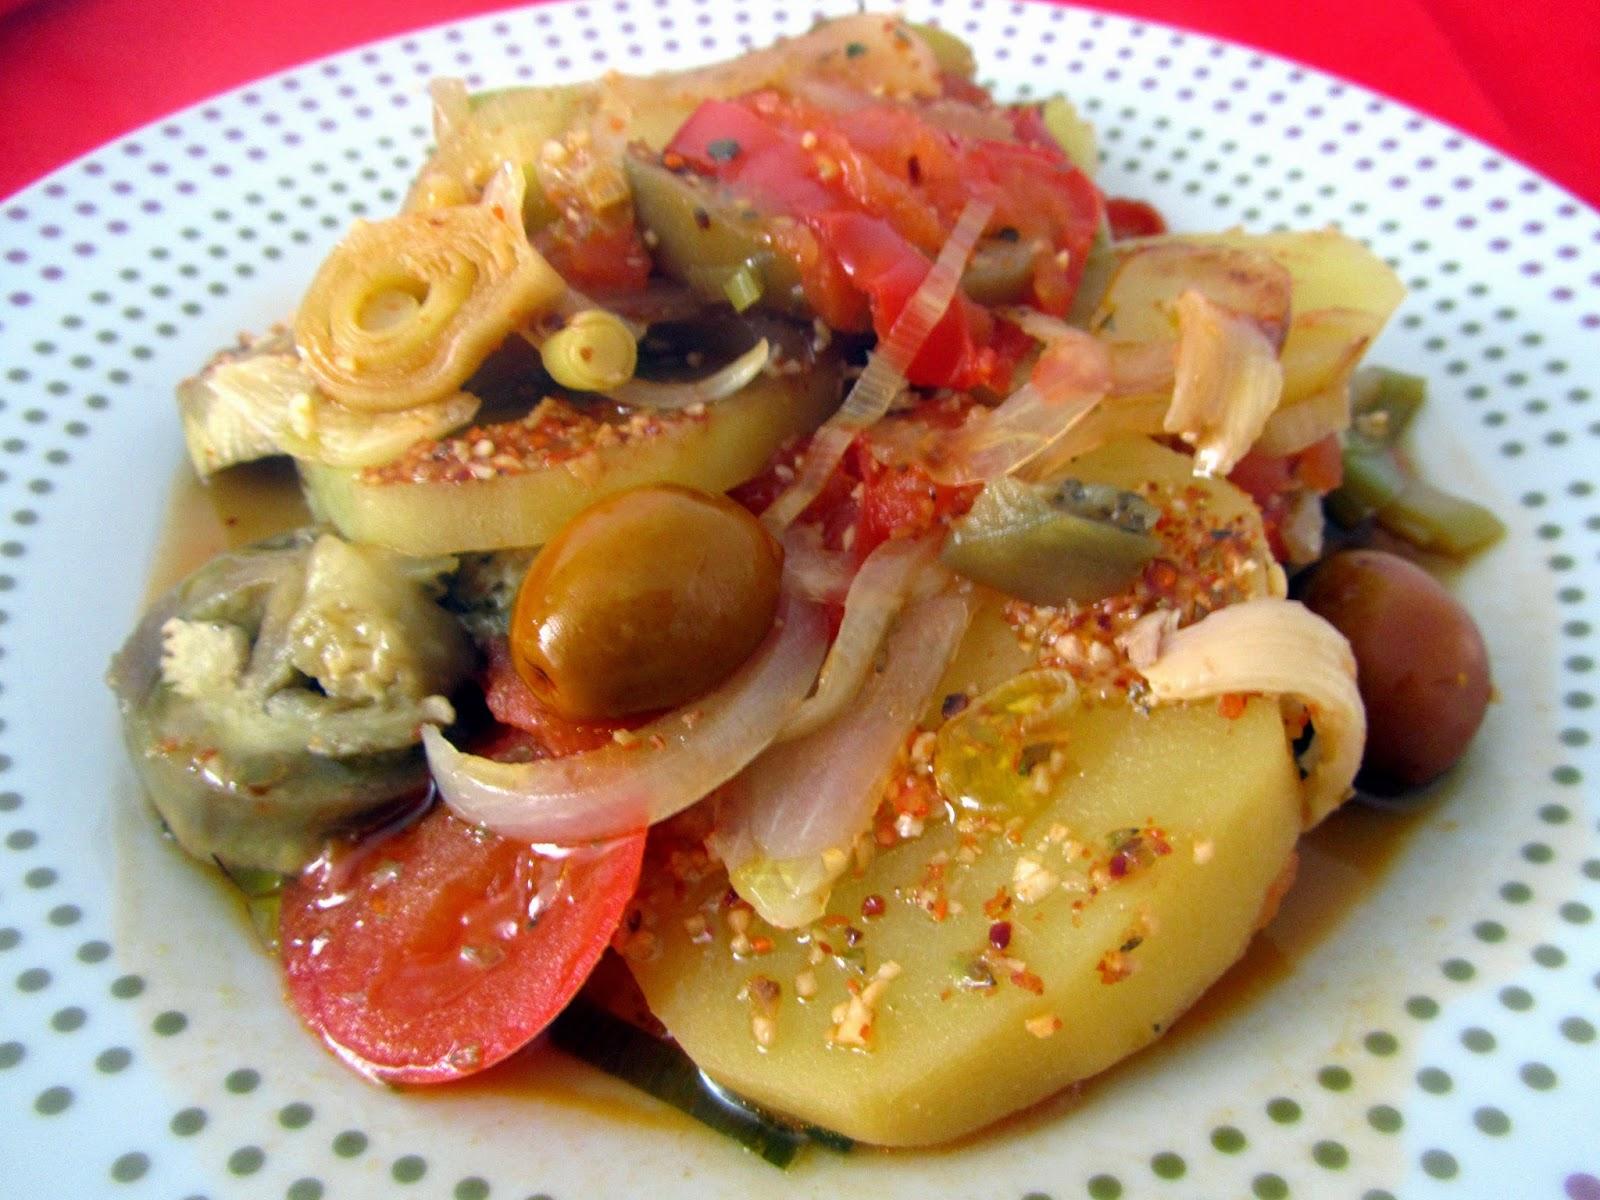 Cocina con luz verde berenjenas a la criolla - Comida vegetariana facil de preparar ...